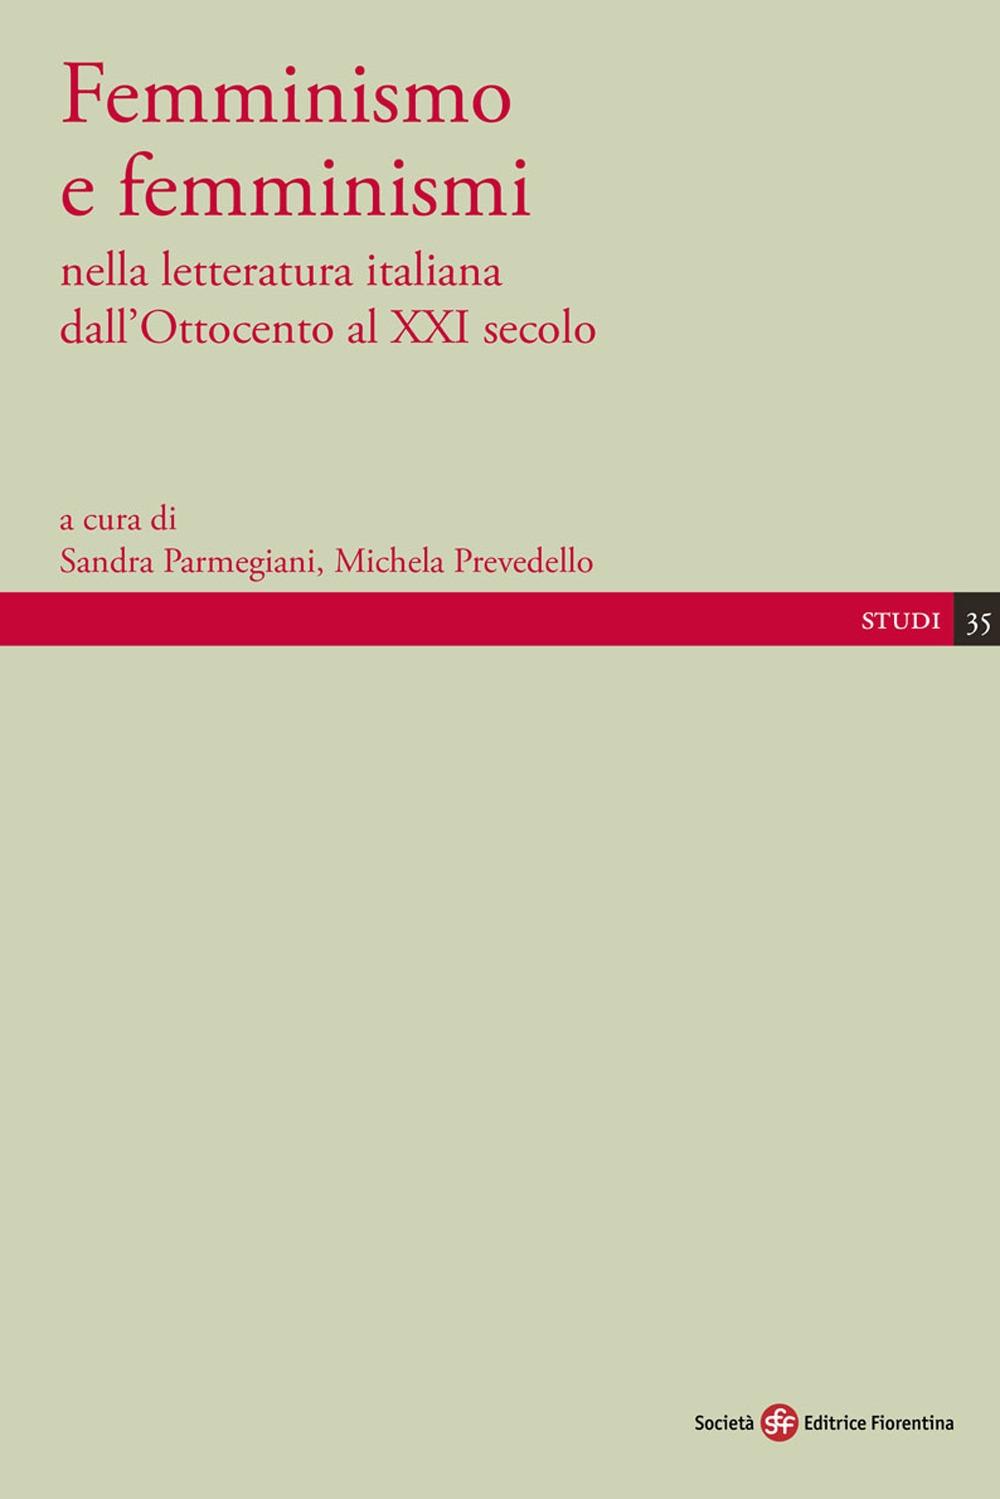 Femminismo e femminismi nella letteratura italiana dall'Ottocento al XXI secolo - Prevedello Michela